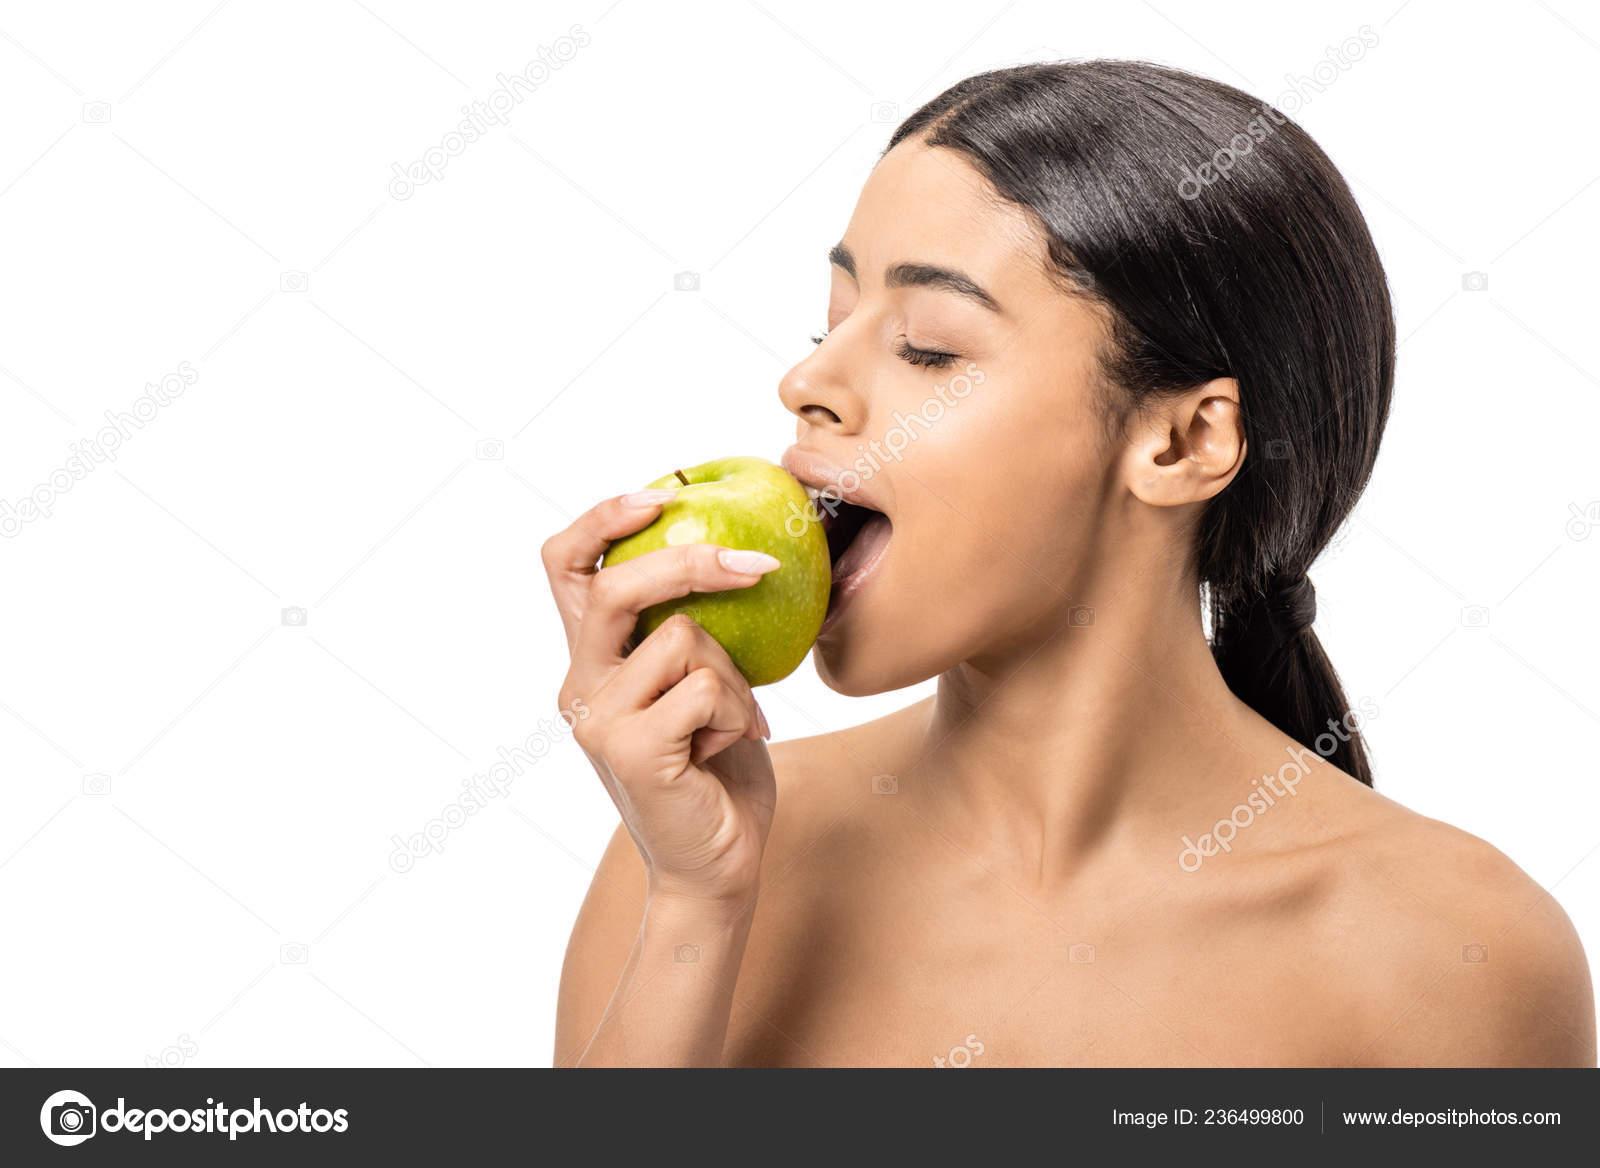 Ώριμες μαύρες γυναίκες γυμνές εικόνες